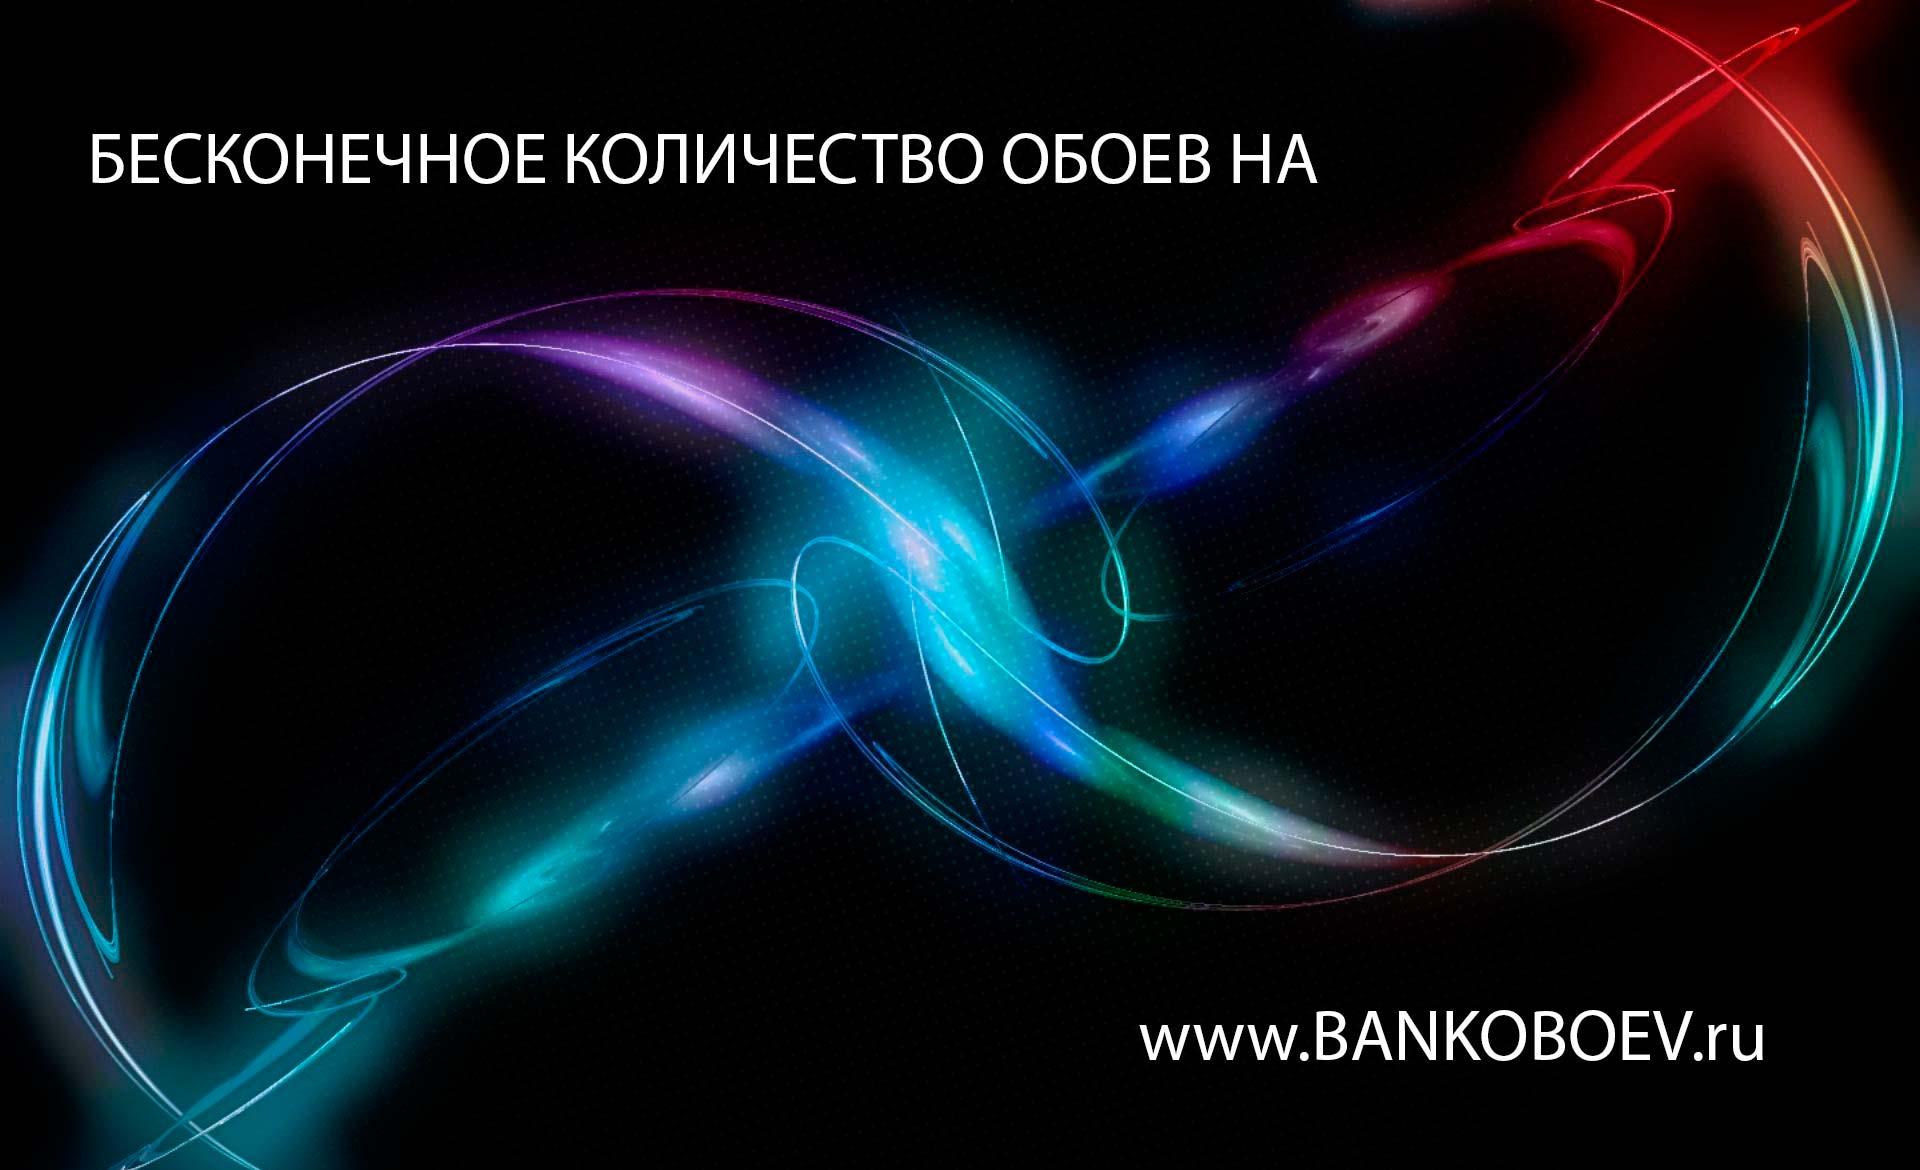 Source httpwwwbankoboevruimagesMjg4ODUzBankoboevRu belye 1920x1170